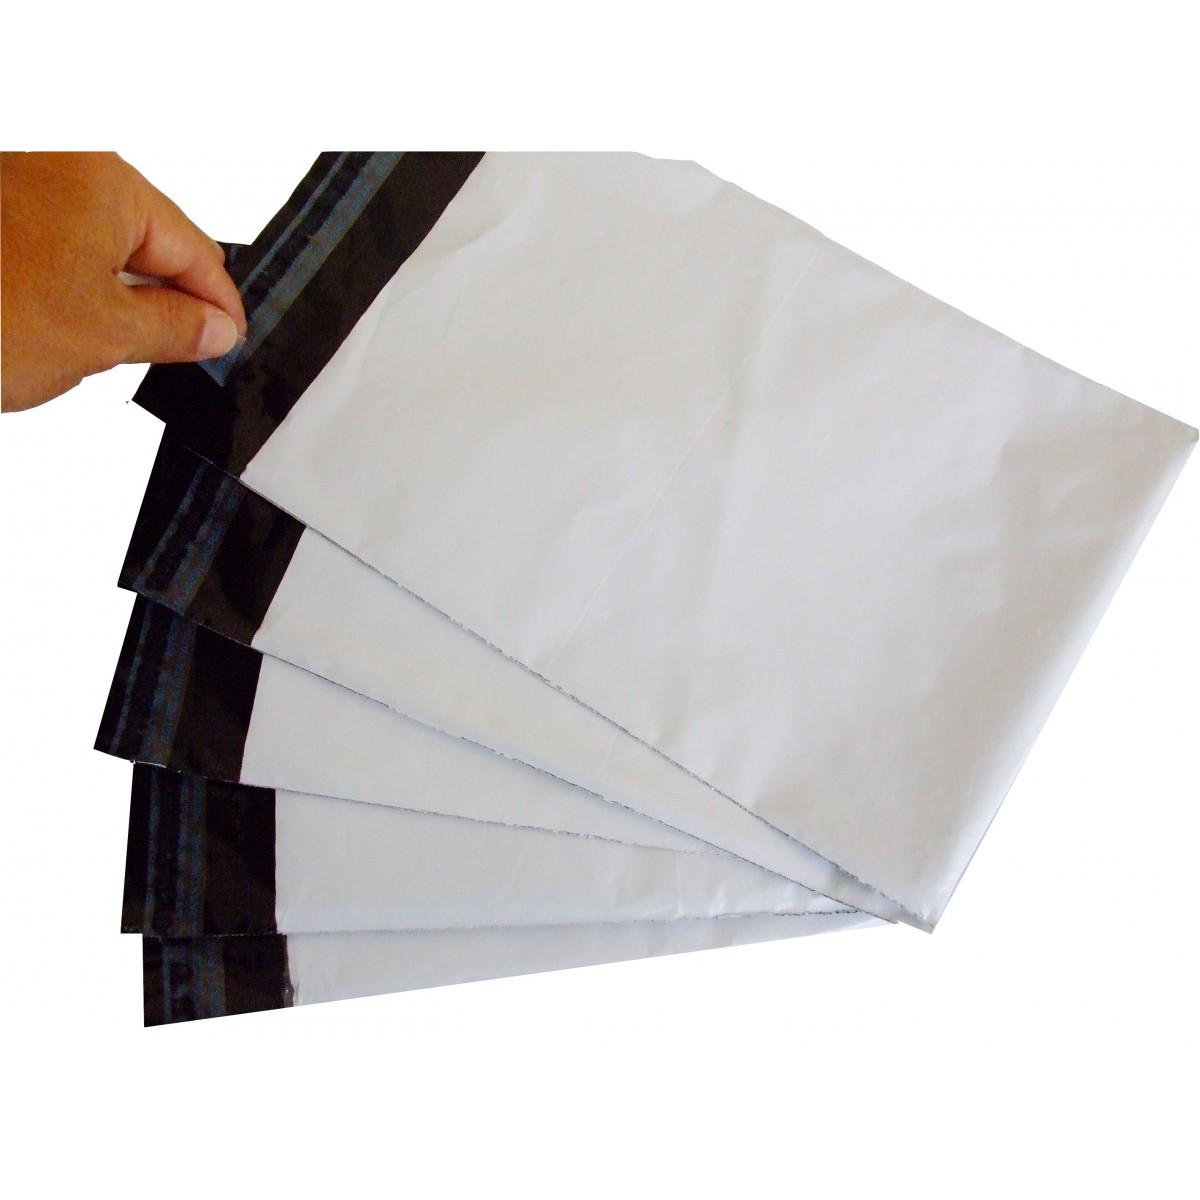 Envelope de Segurança Liso Branco L:32 X C:40 + 5 (Aba) cm